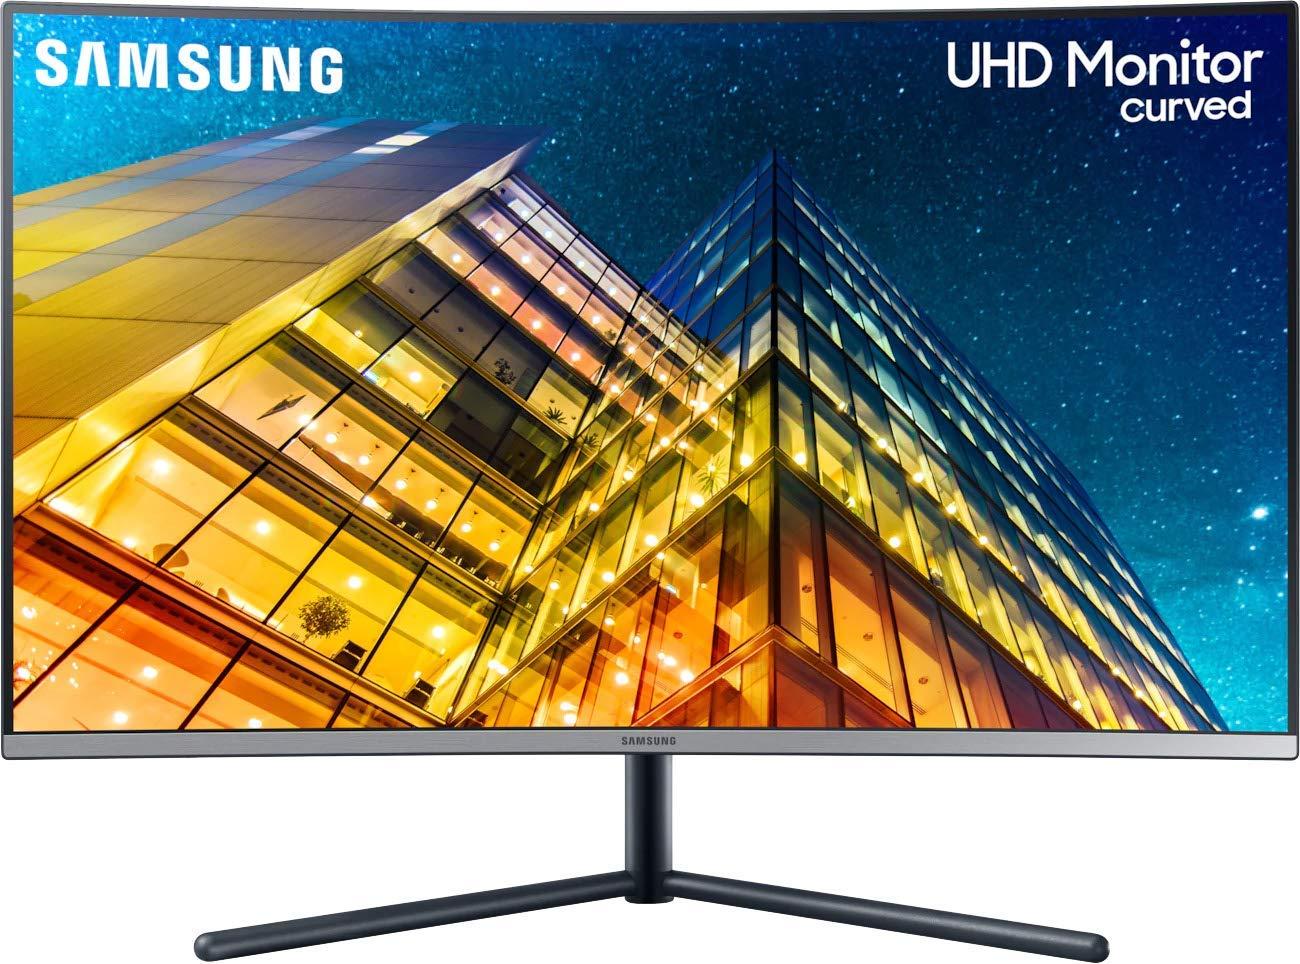 """Monitor Curvo Samsung de 31.5"""" UK UltraHD"""